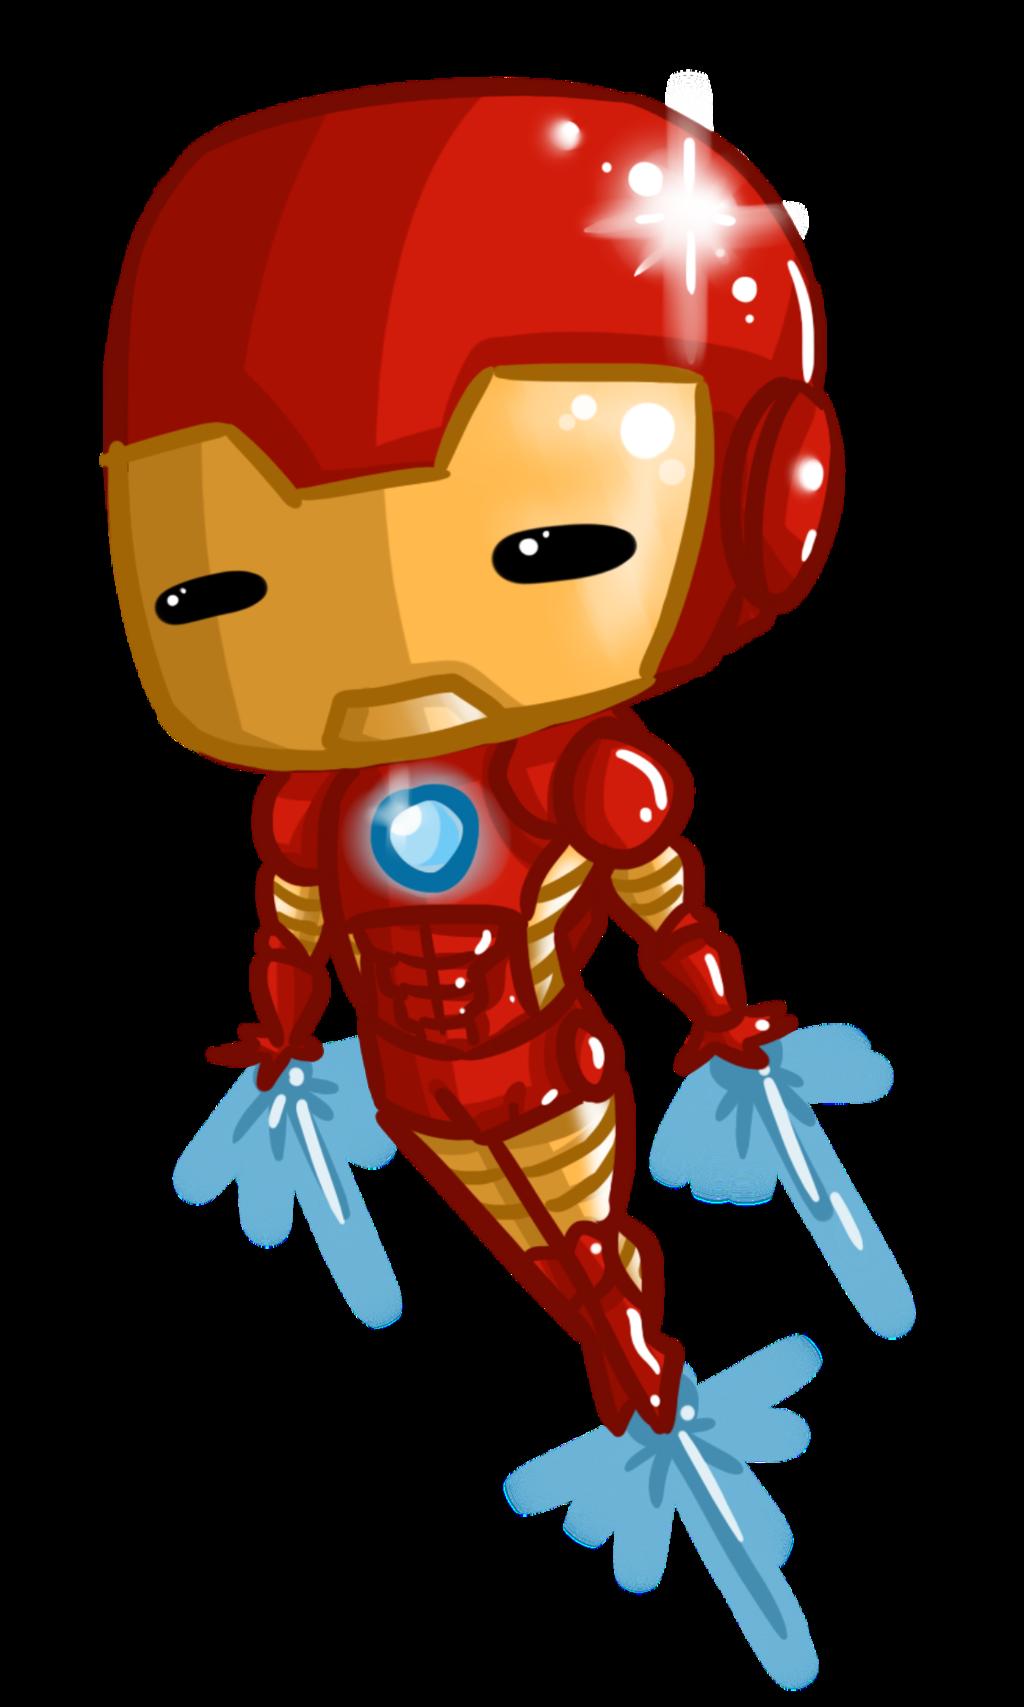 Iron man tony stark clipart clipartfox.